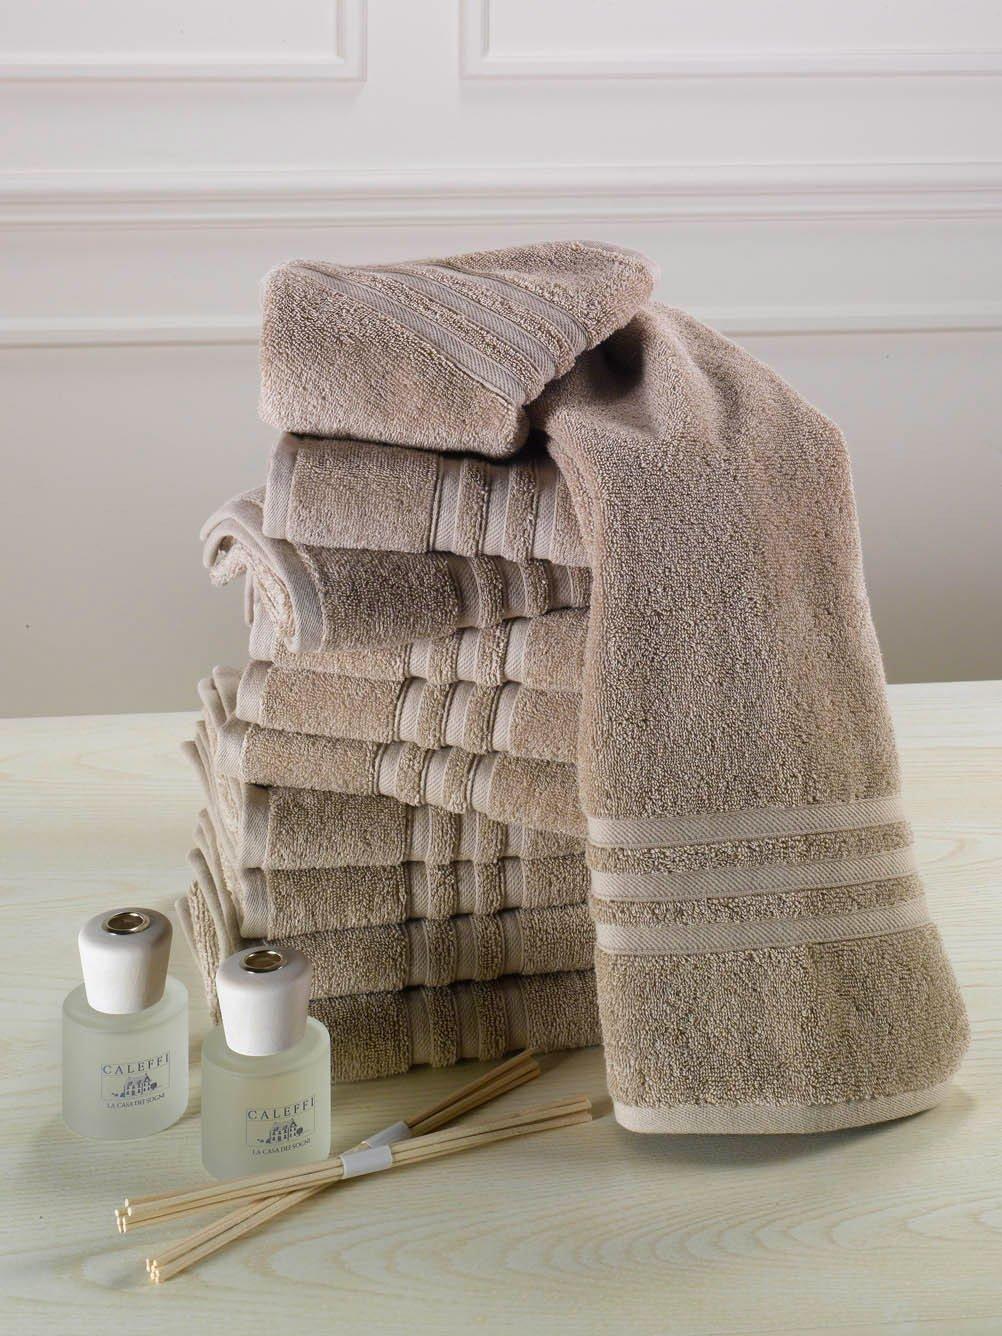 Asciugamani per il bagno come scegliere materiali e colori cose di casa - Asciugamani bagno firmati ...